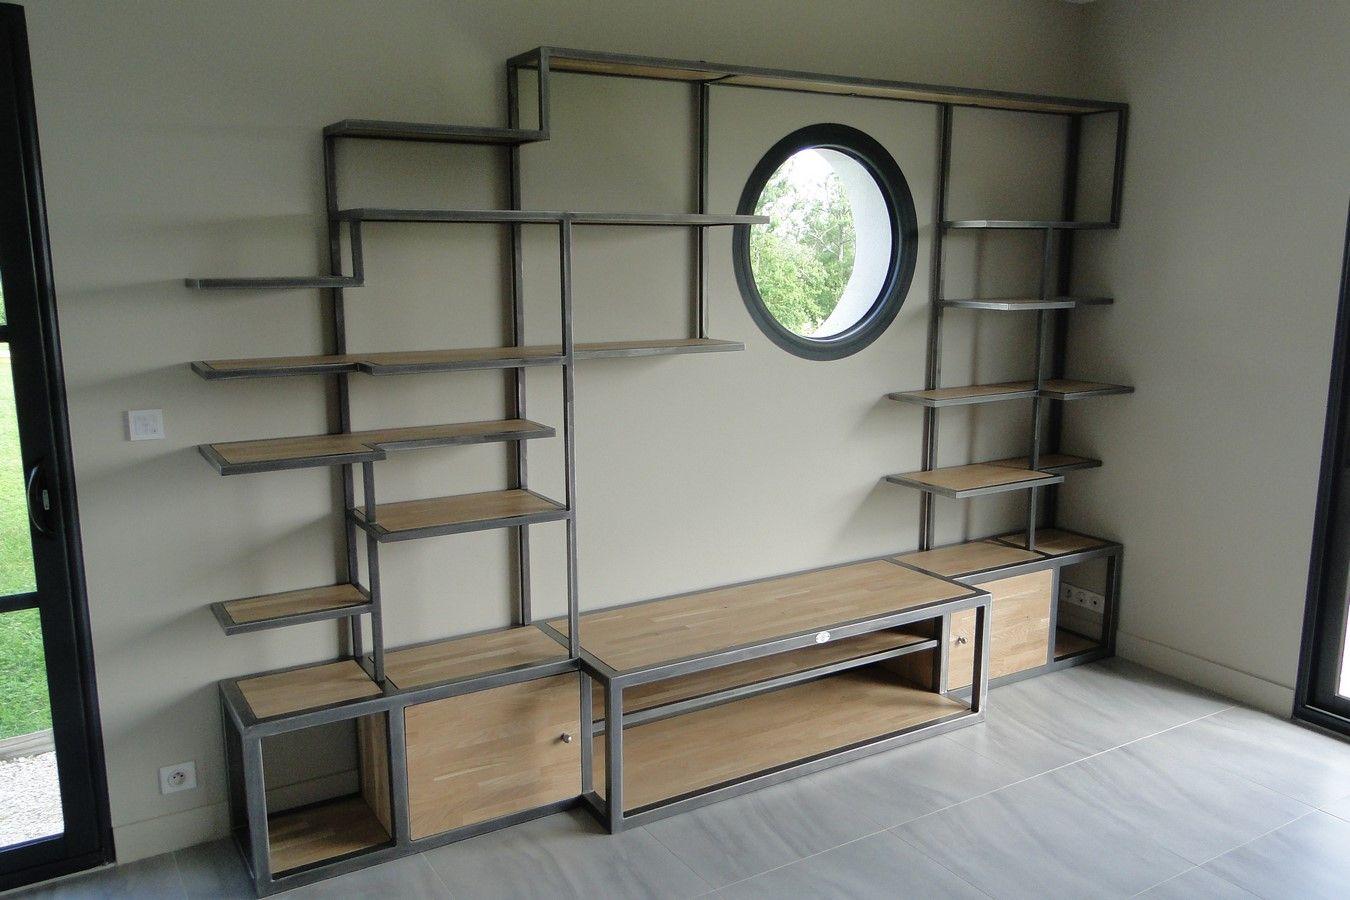 Conception Et Fabrication De Mobilier Contemporain Acier Bois  # Fabriquer Bibliotheque En Bois